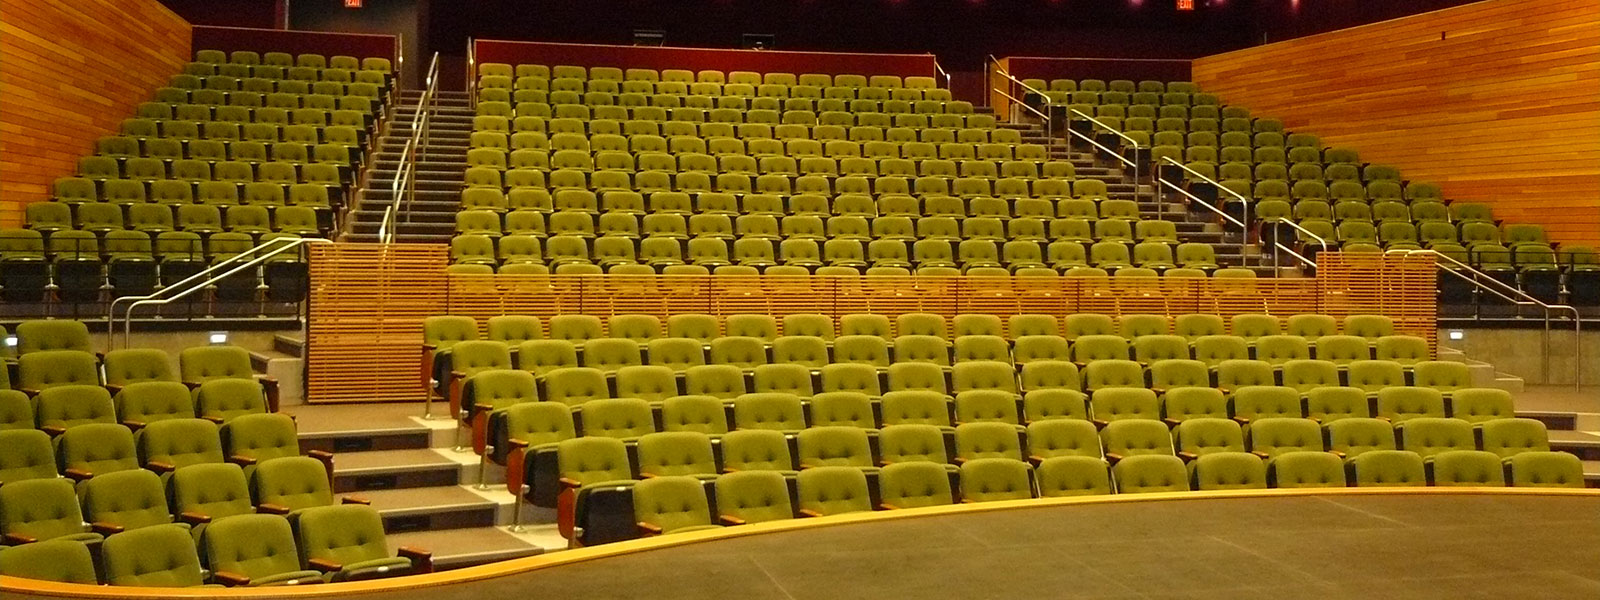 rca-auditorium